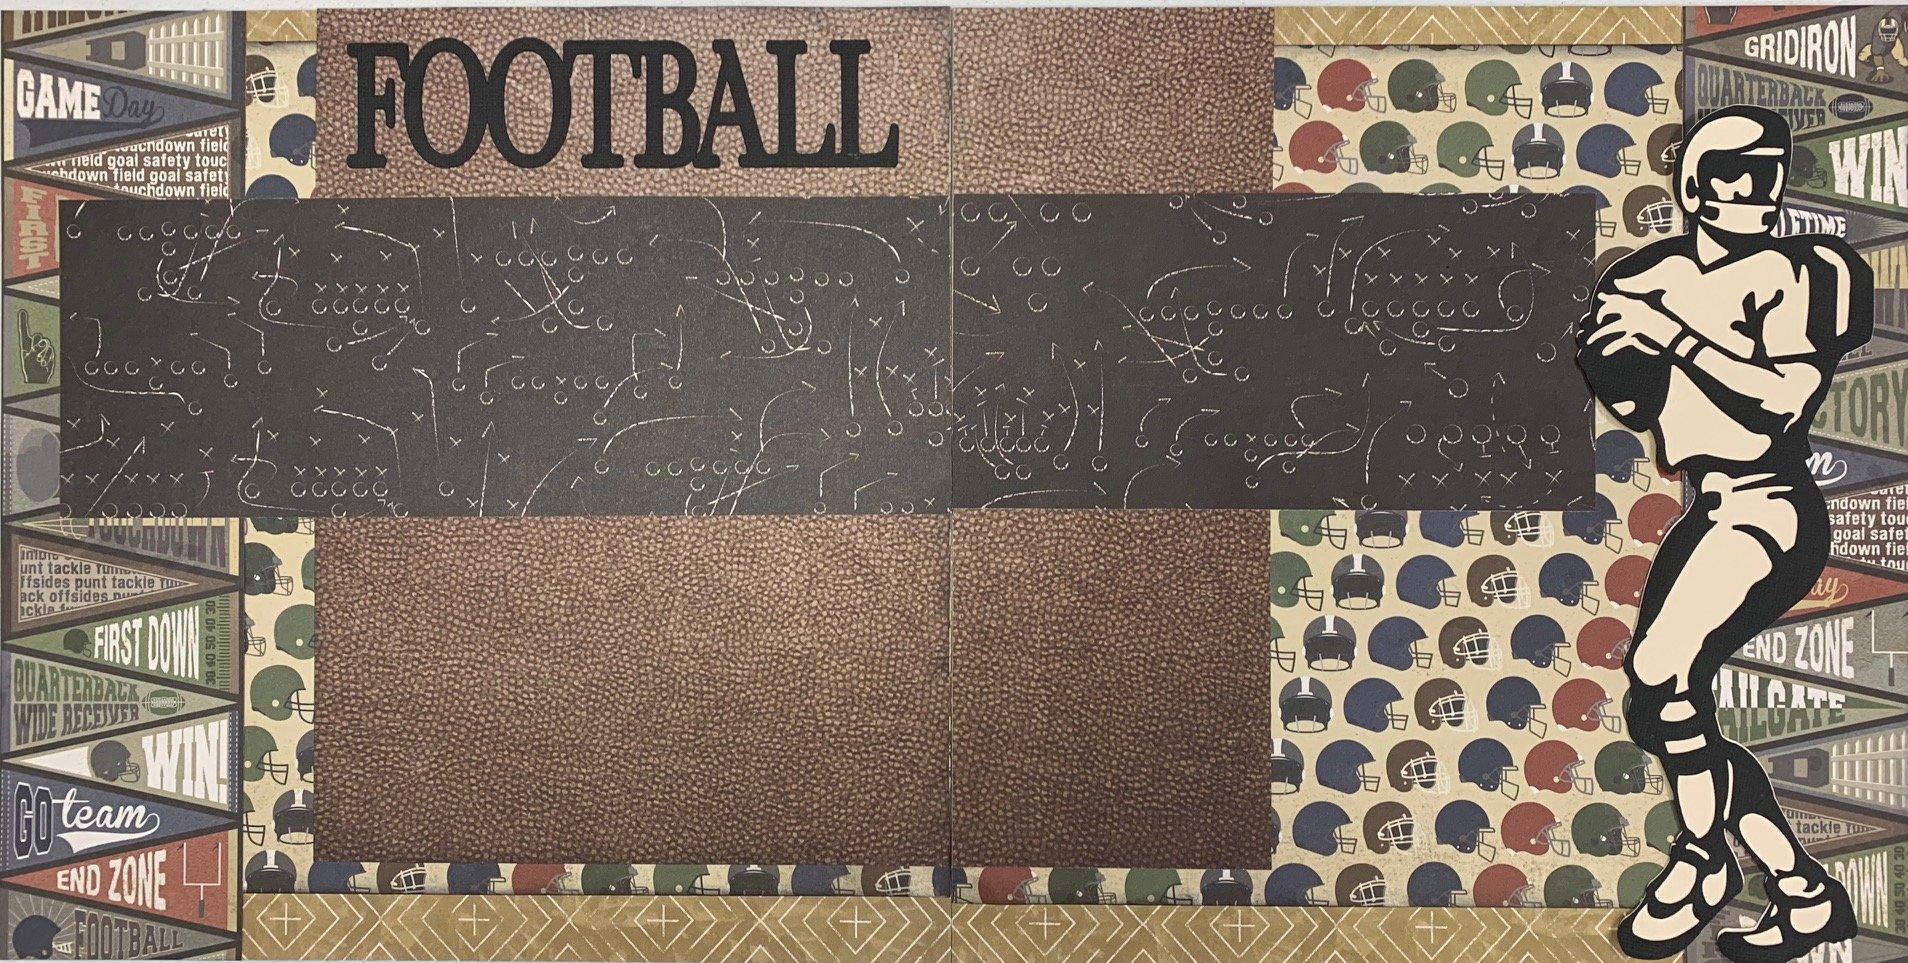 Football Gridiron Layout Kit